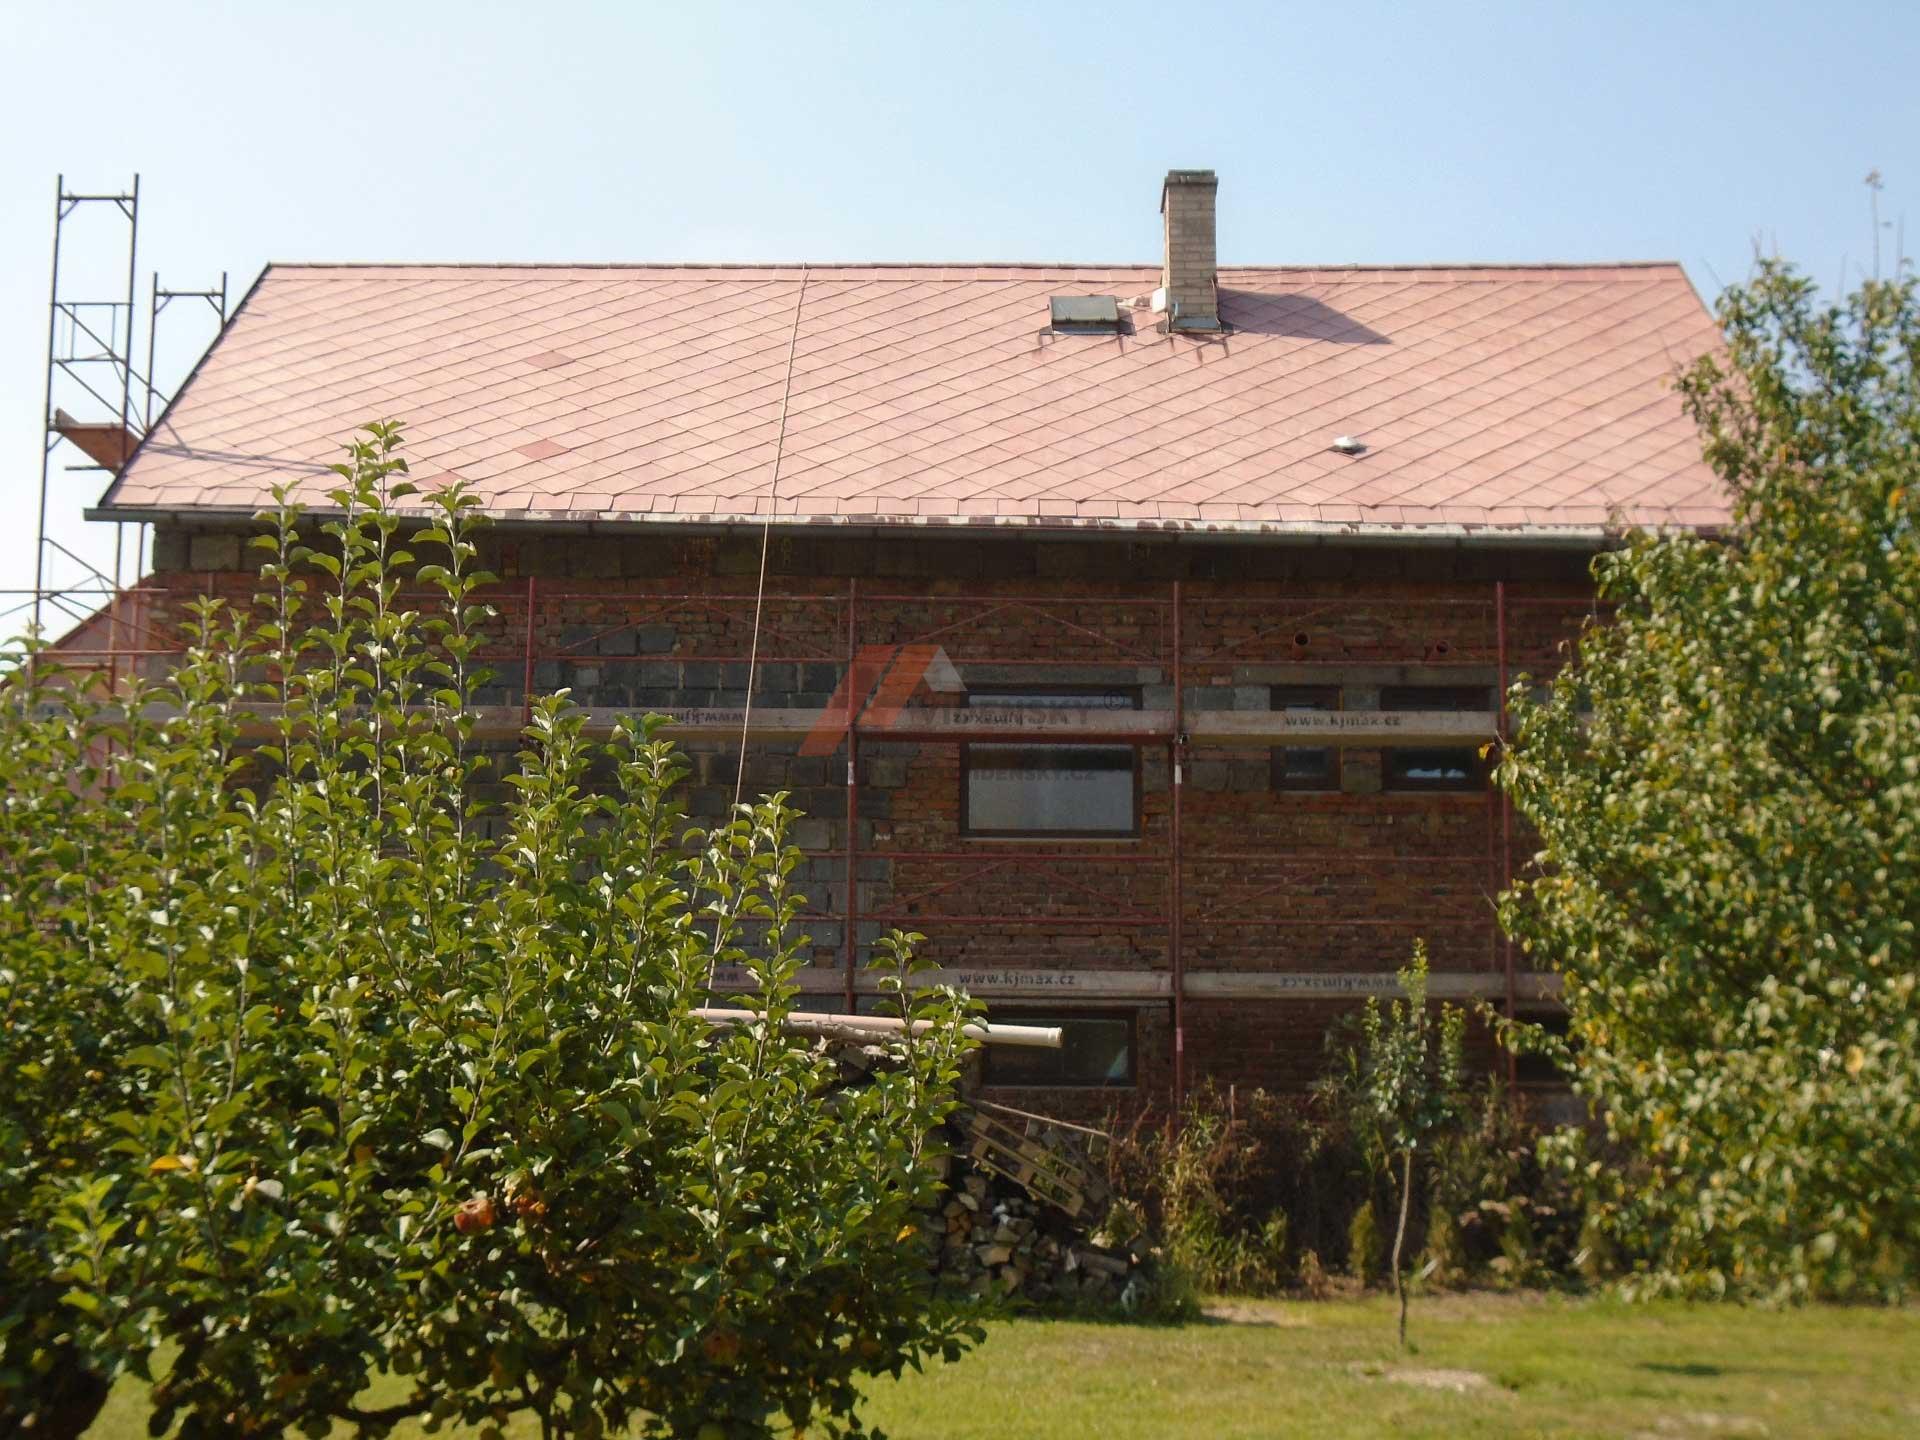 Vídenský | Renovační nátěr eternitové střechy 02 - Vyčištěná střecha